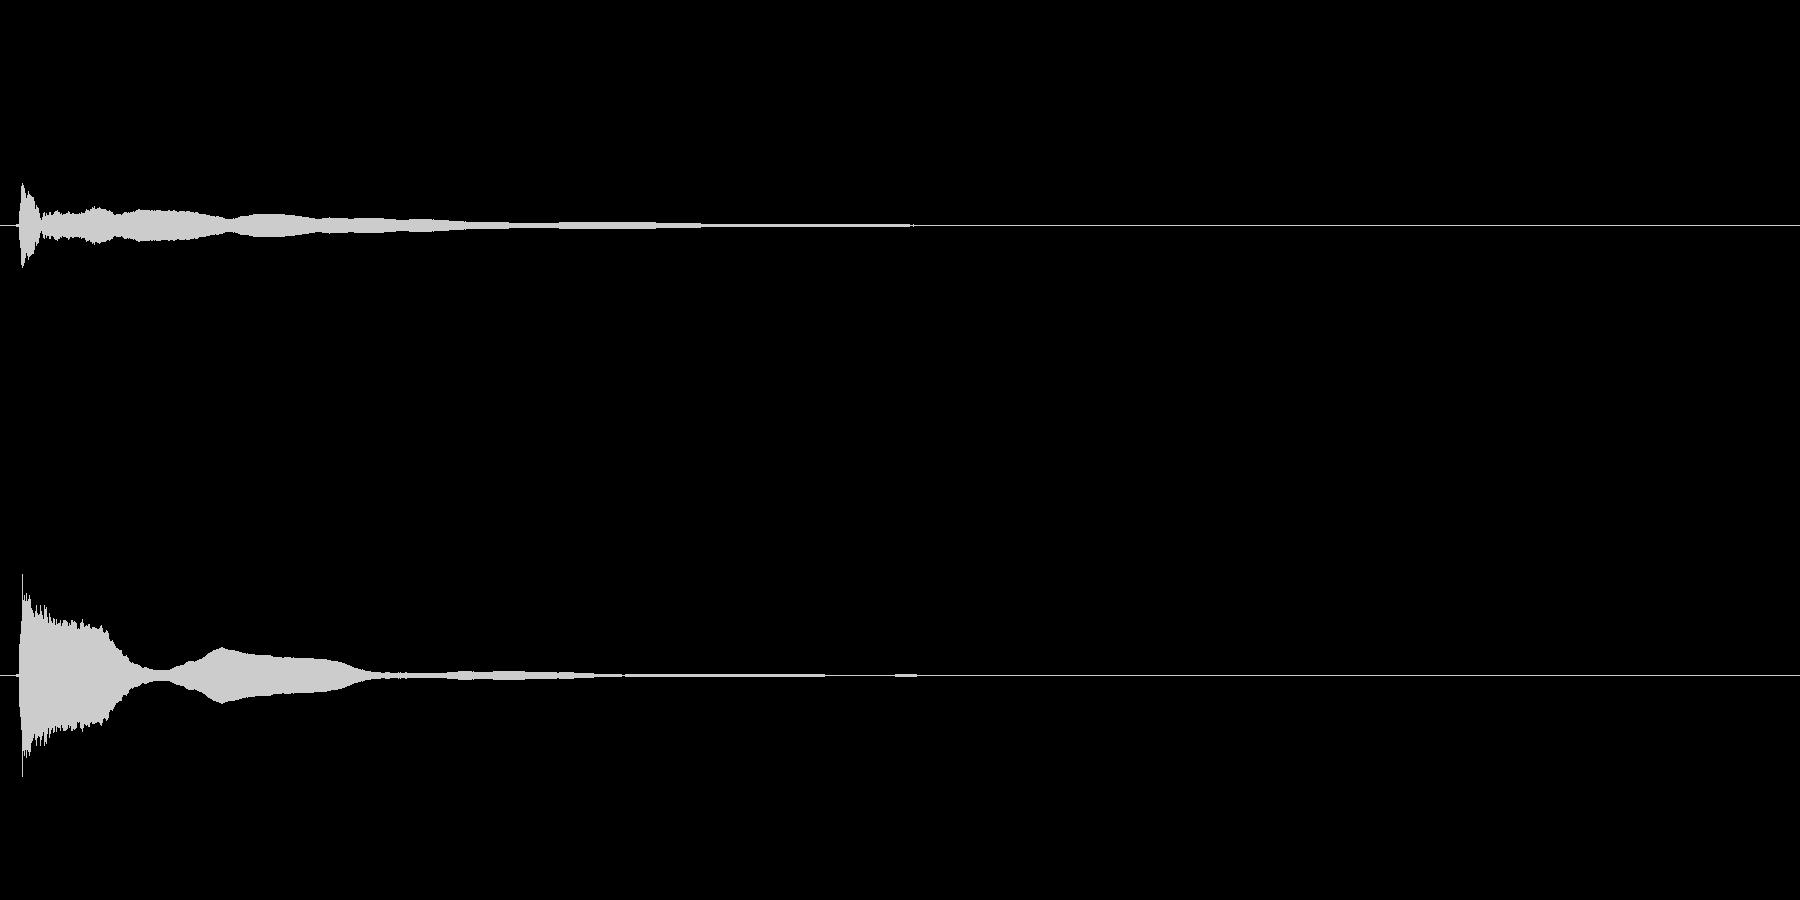 キラキラ系_061の未再生の波形